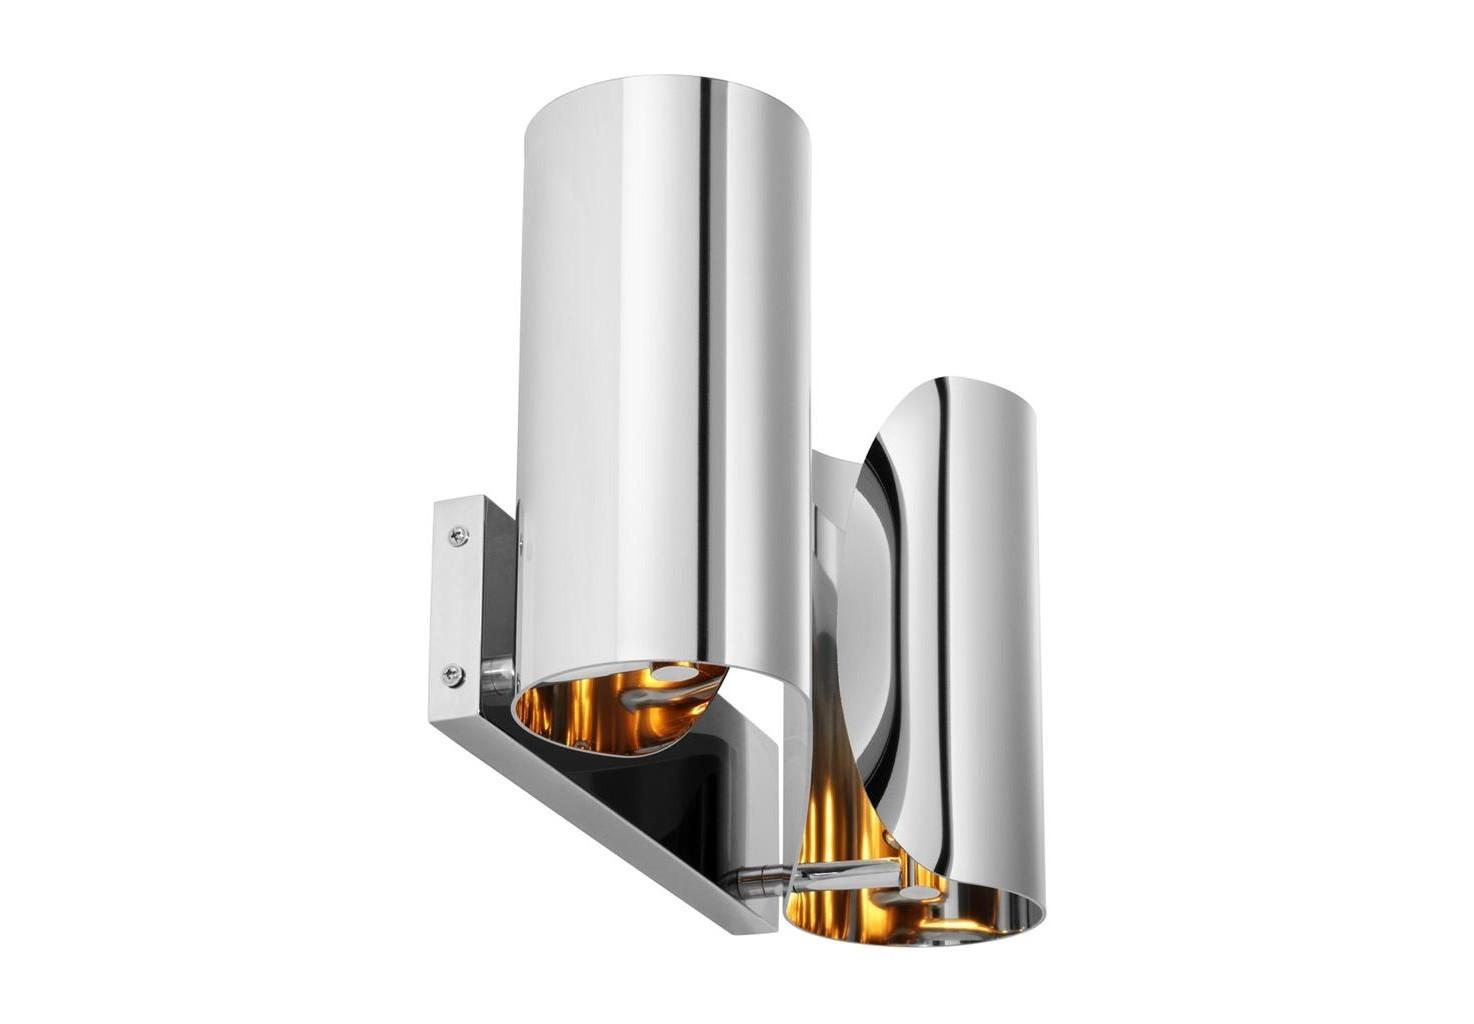 Настенный светильникБра<br>Настенный светильник Wall Lamp Crawley выполнен из никелированного металла.&amp;lt;div&amp;gt;&amp;lt;br&amp;gt;&amp;lt;/div&amp;gt;&amp;lt;div&amp;gt;&amp;lt;div&amp;gt;Тип цоколя: E14&amp;lt;/div&amp;gt;&amp;lt;div&amp;gt;Мощность: 40W&amp;lt;/div&amp;gt;&amp;lt;div&amp;gt;Кол-во ламп: 2 (нет в комплекте)&amp;lt;/div&amp;gt;&amp;lt;/div&amp;gt;<br><br>Material: Металл<br>Width см: 38<br>Depth см: 11<br>Height см: 21